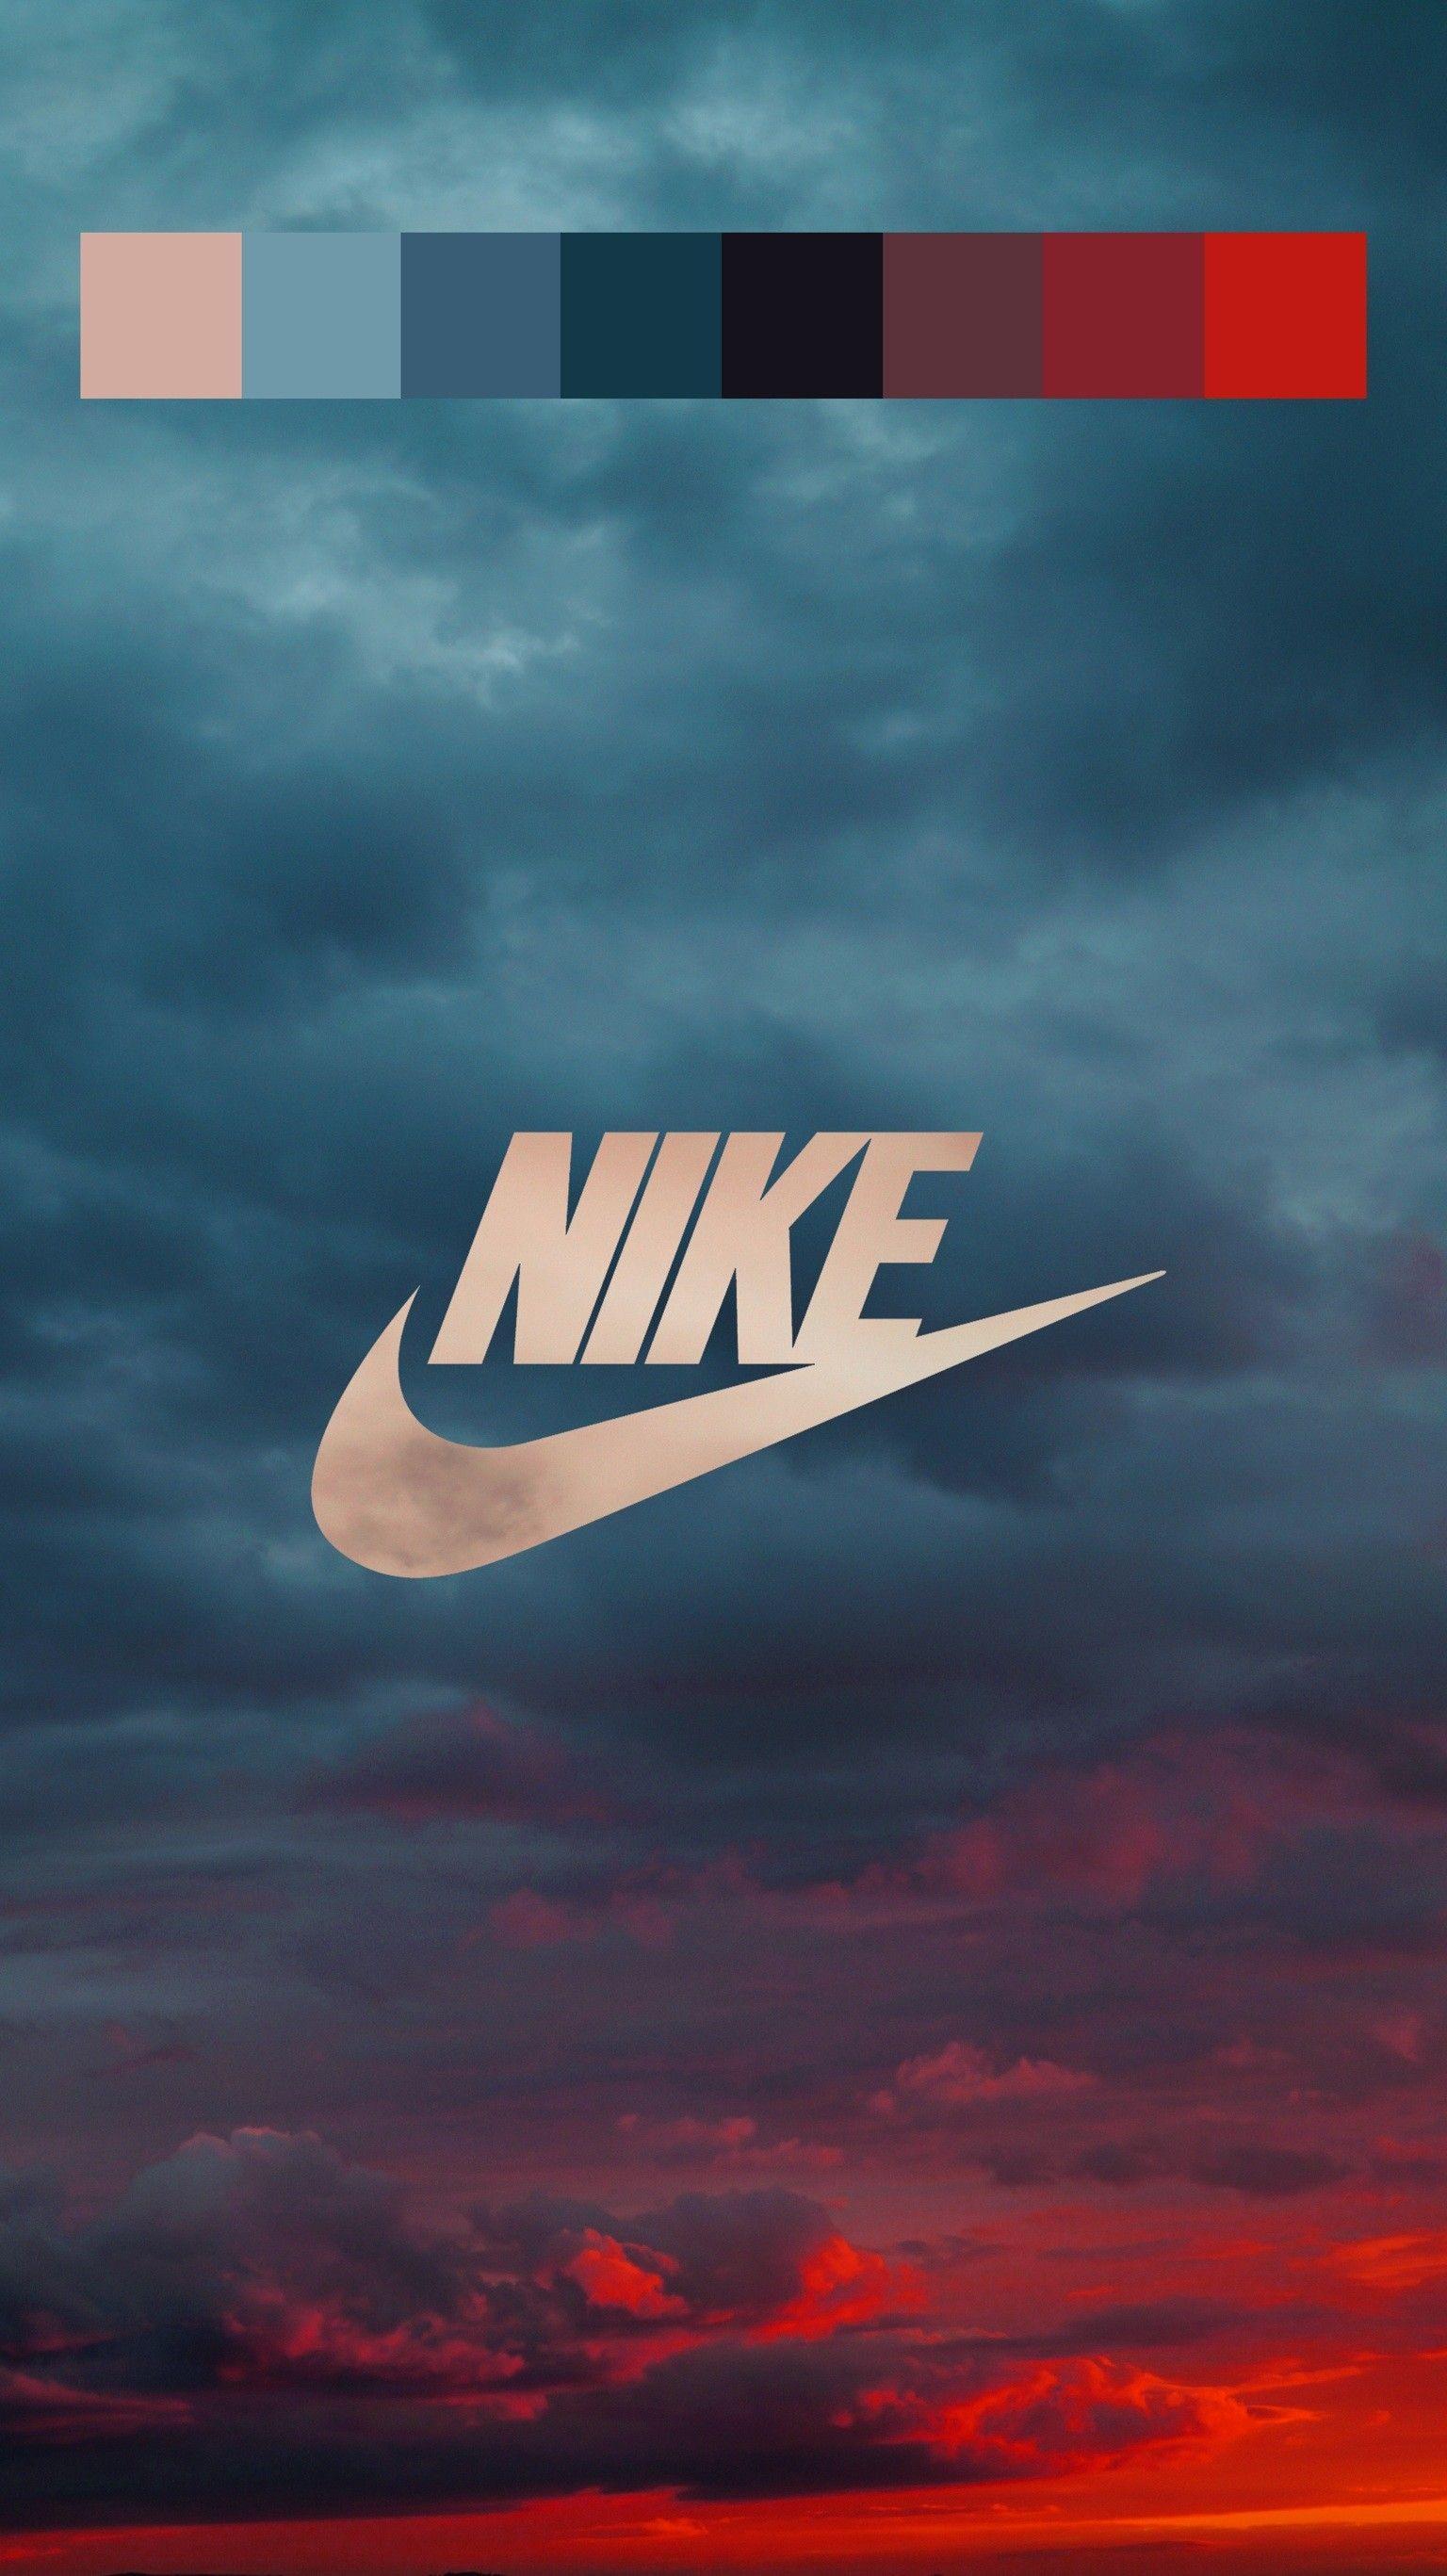 印刷可能無料 Nike Iphone 壁紙 壁紙画像をダウンロードする